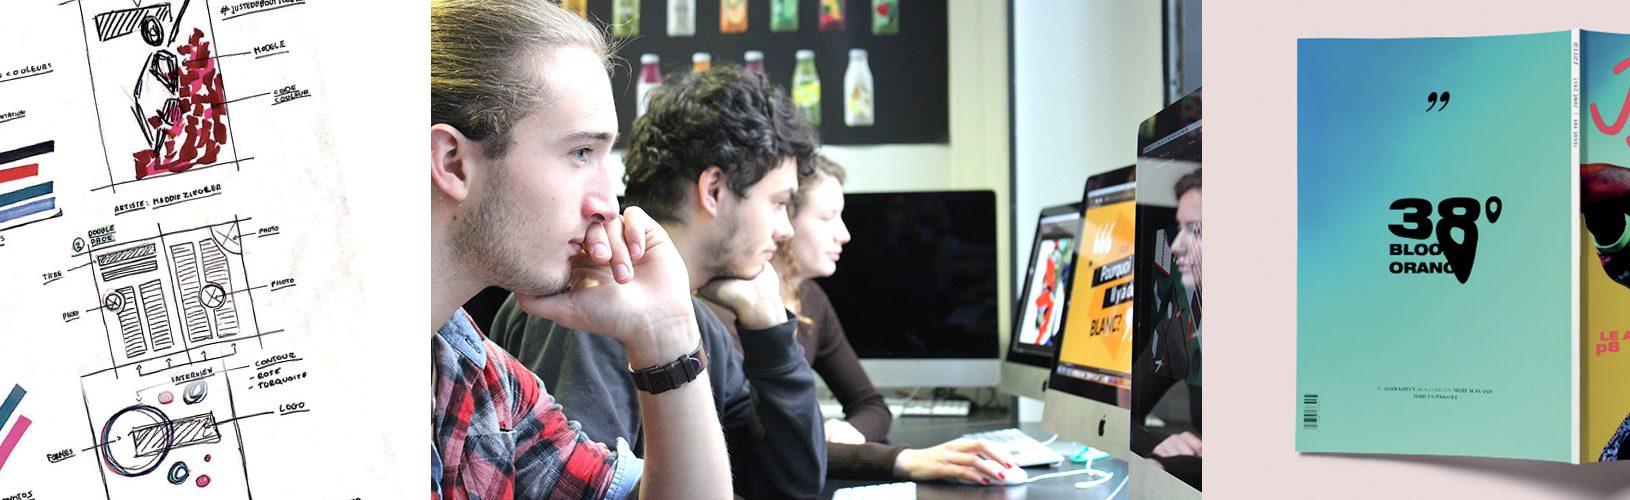 Etude en communication visuelle et directeur artistique - ecole de graphisme et infographie paris Com'Art